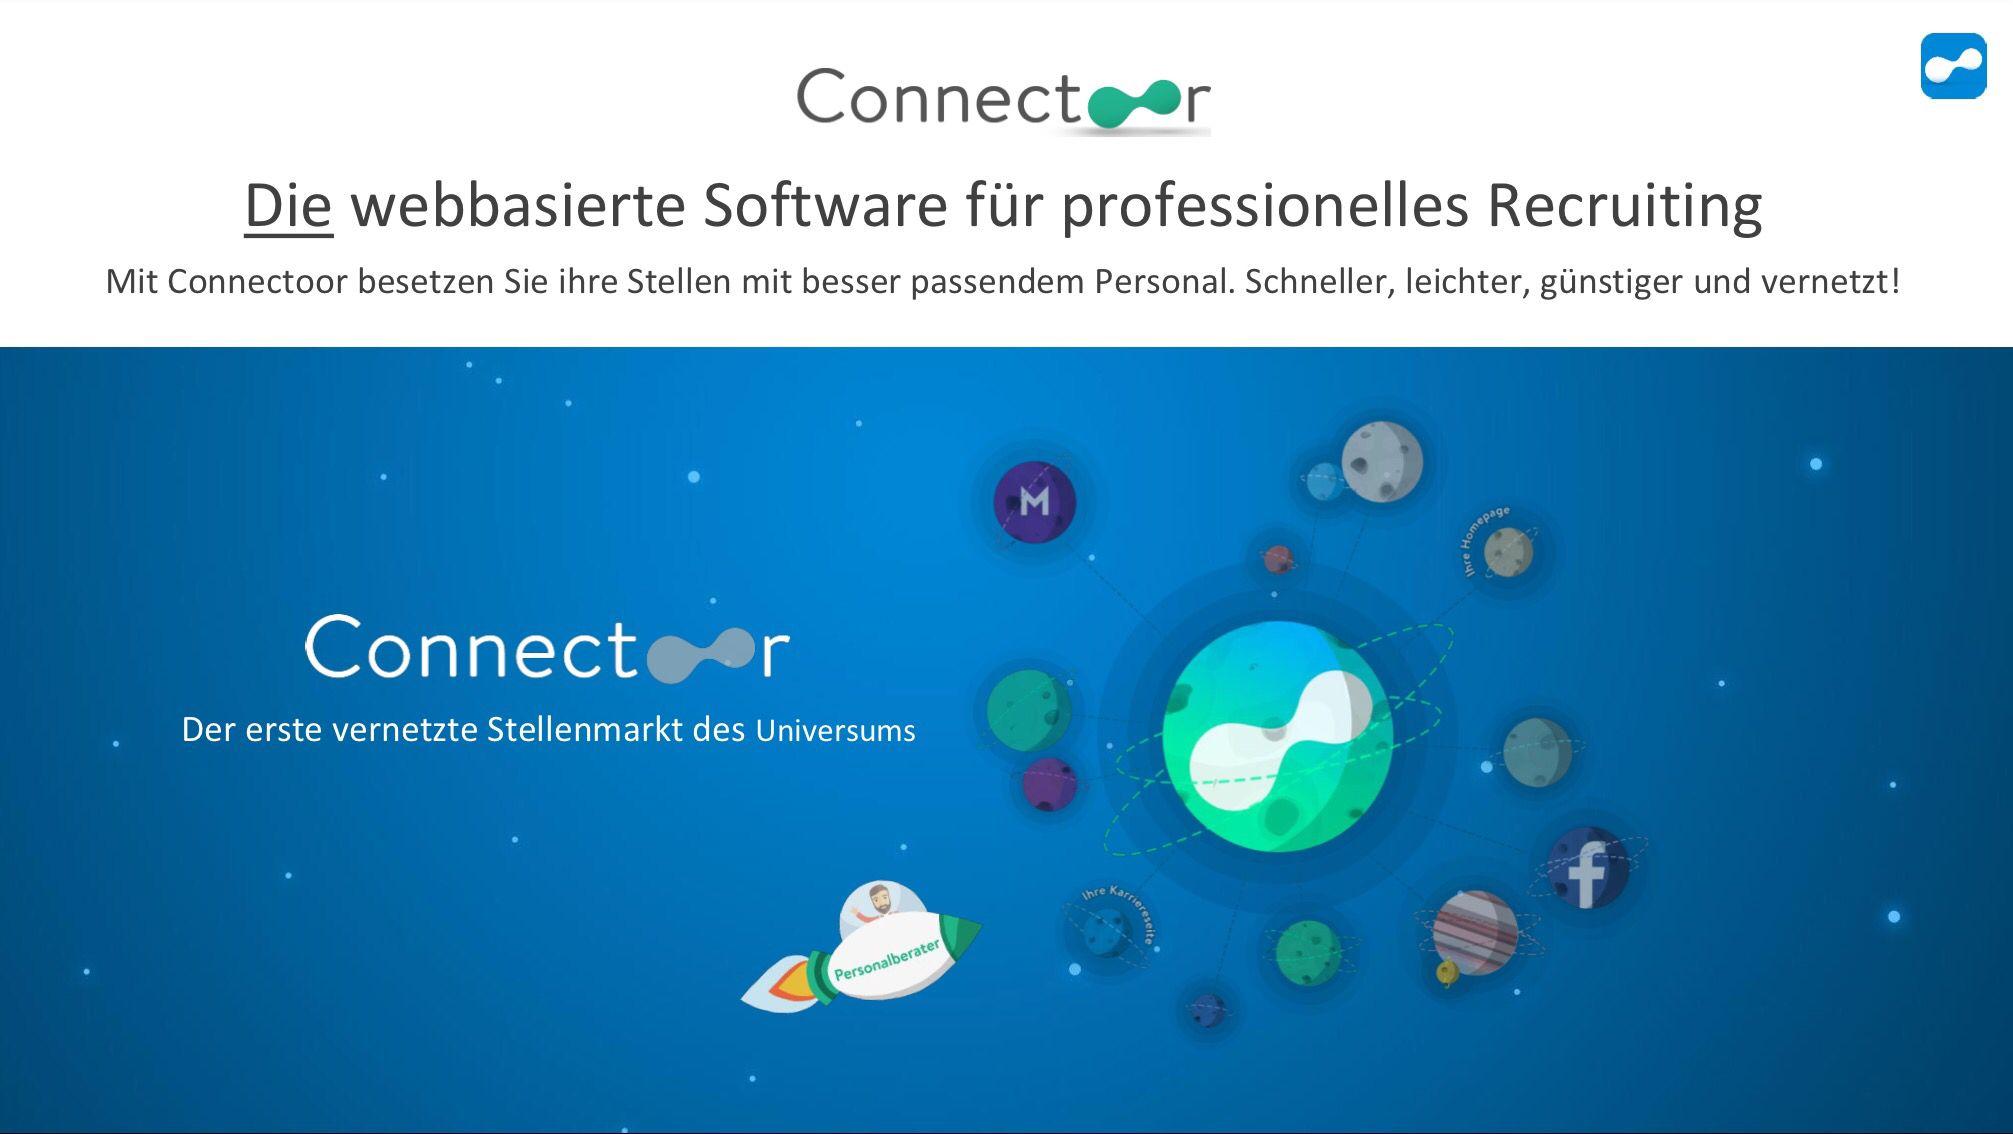 planungssoftware kostenlos internetseite bild der fbbcbddfeeb jpg